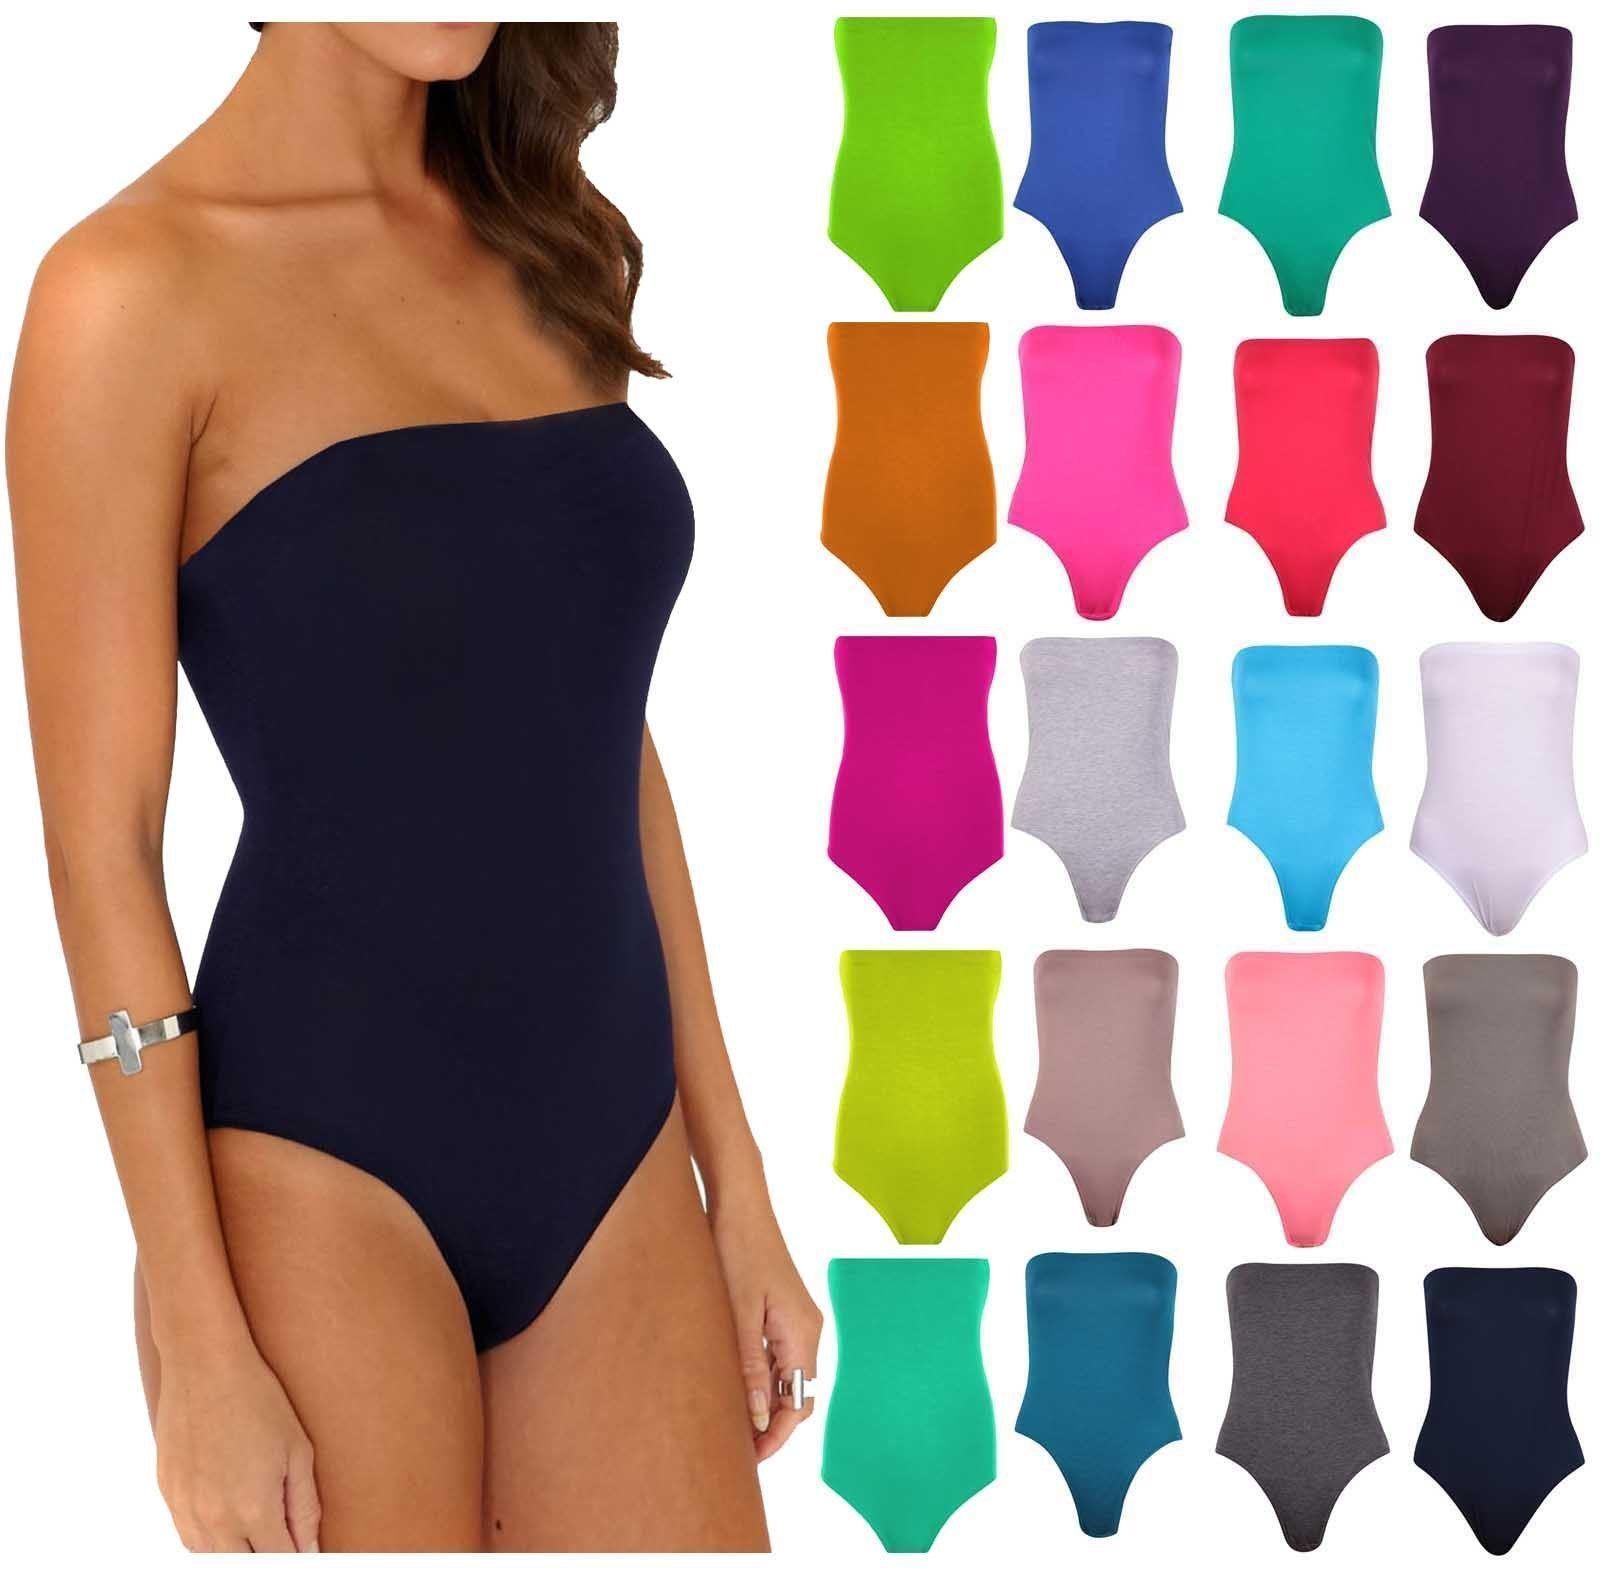 Details about Women's Ladies Sleeveless Boob Tube Plain Bandeau Bodysuit Leotard Top Plus Size